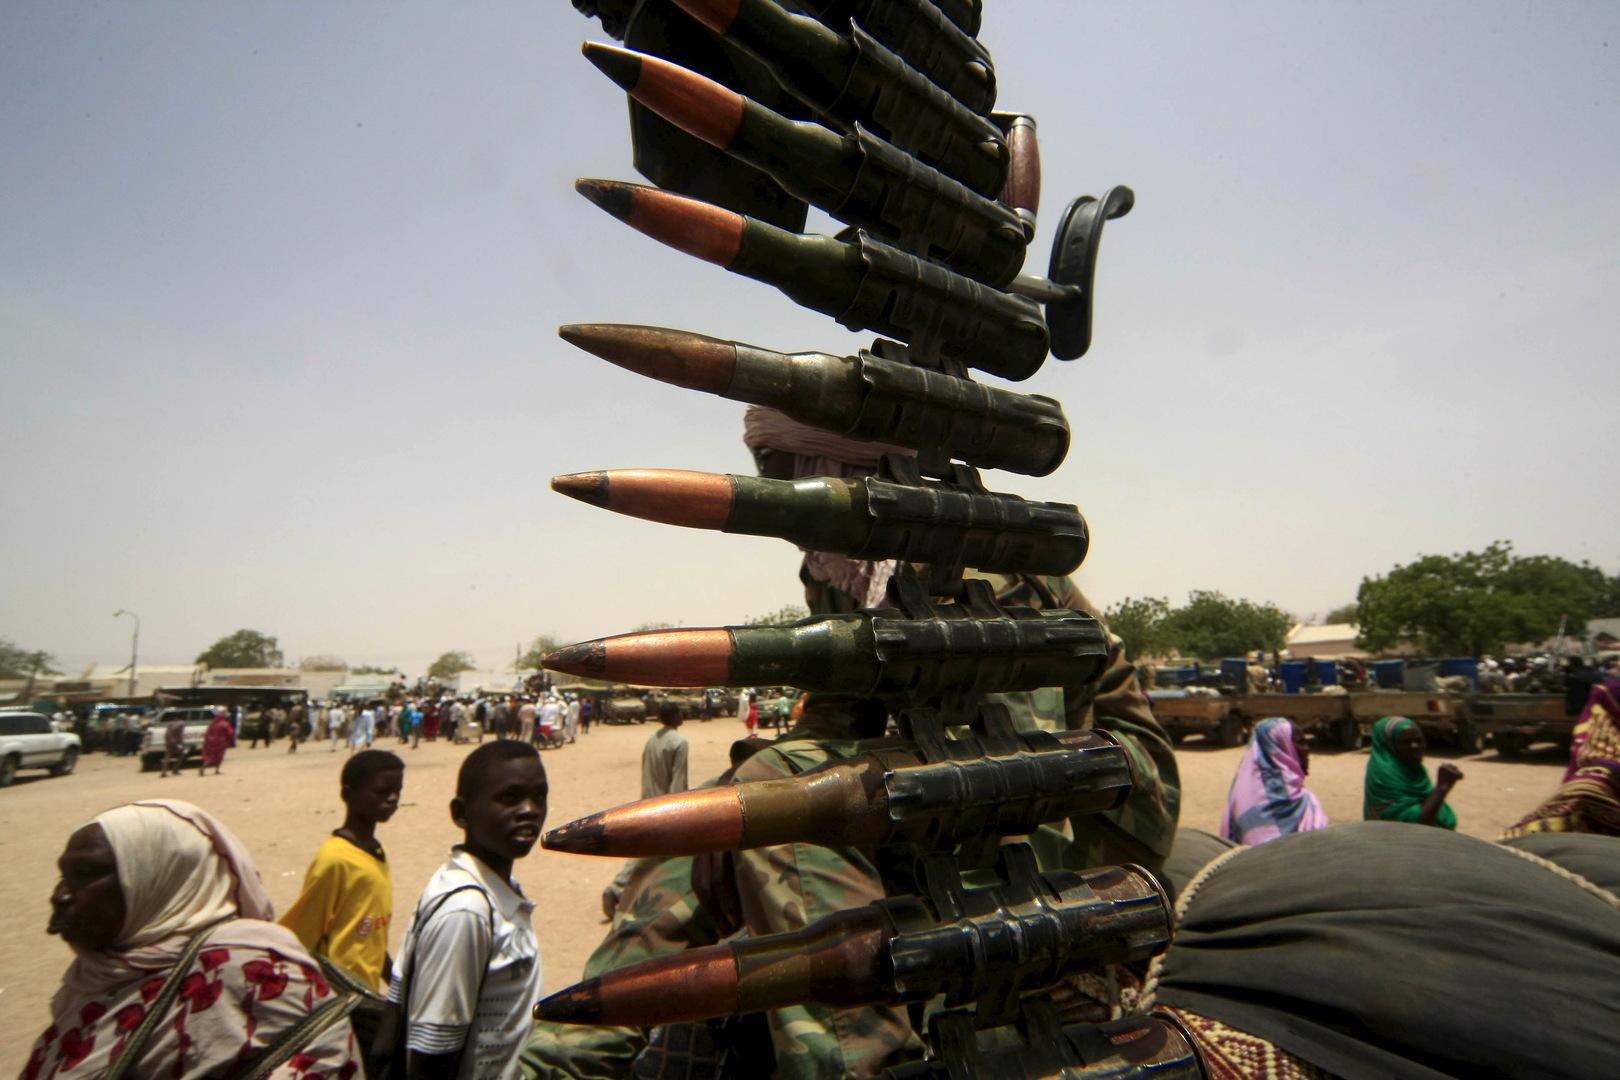 الحكومة السودانية والحركات المسلحة يستعدون لتوقيع اتفاق سلام